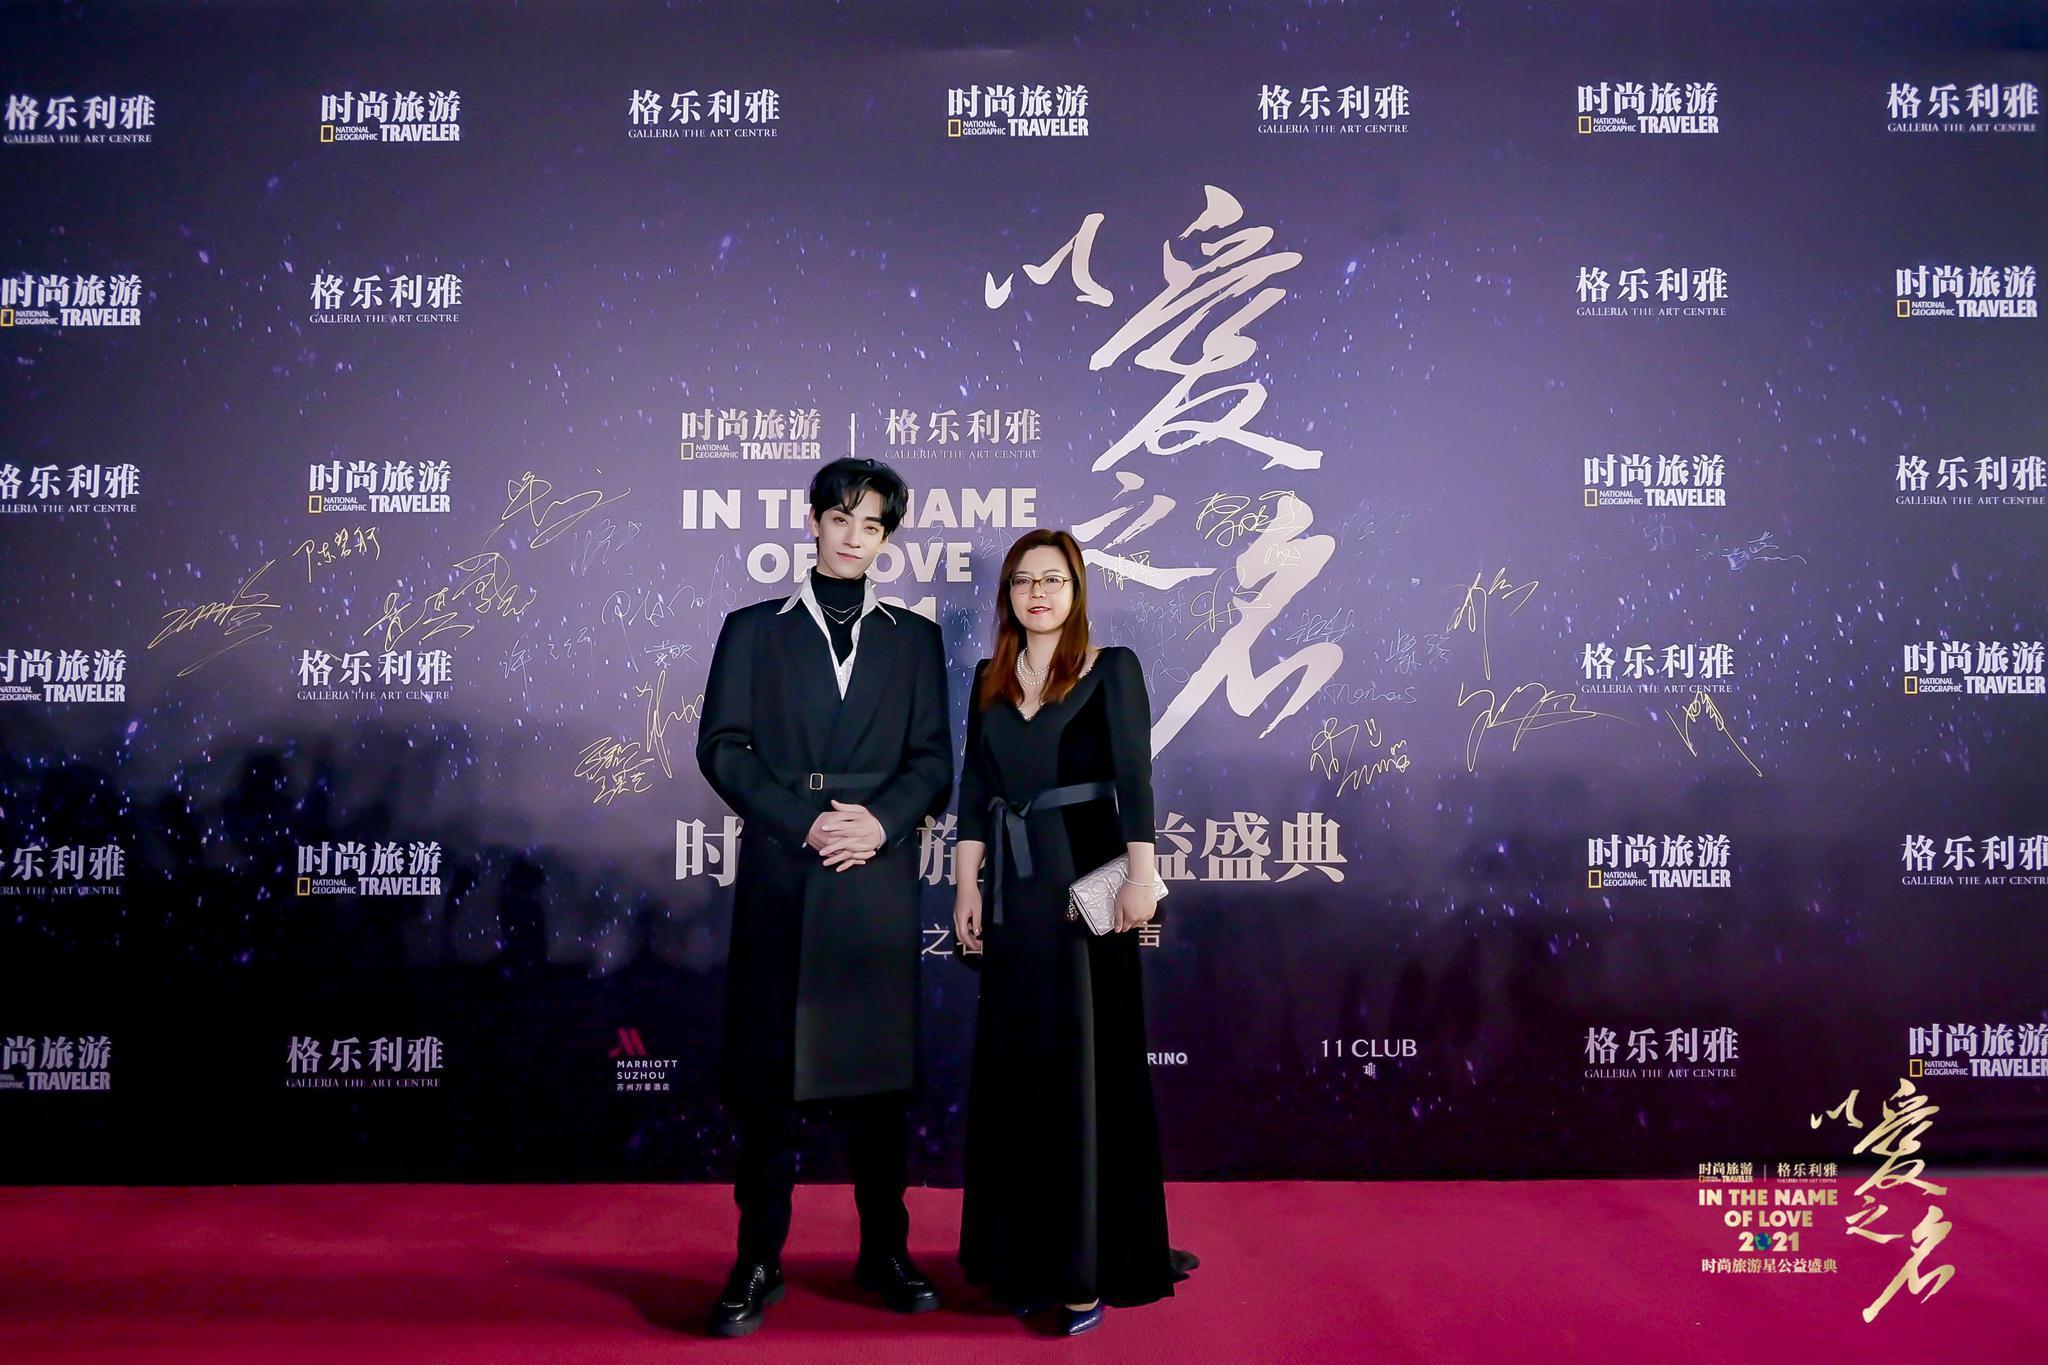 2021 @郑云龙DL 与时尚集团行业传媒总经理